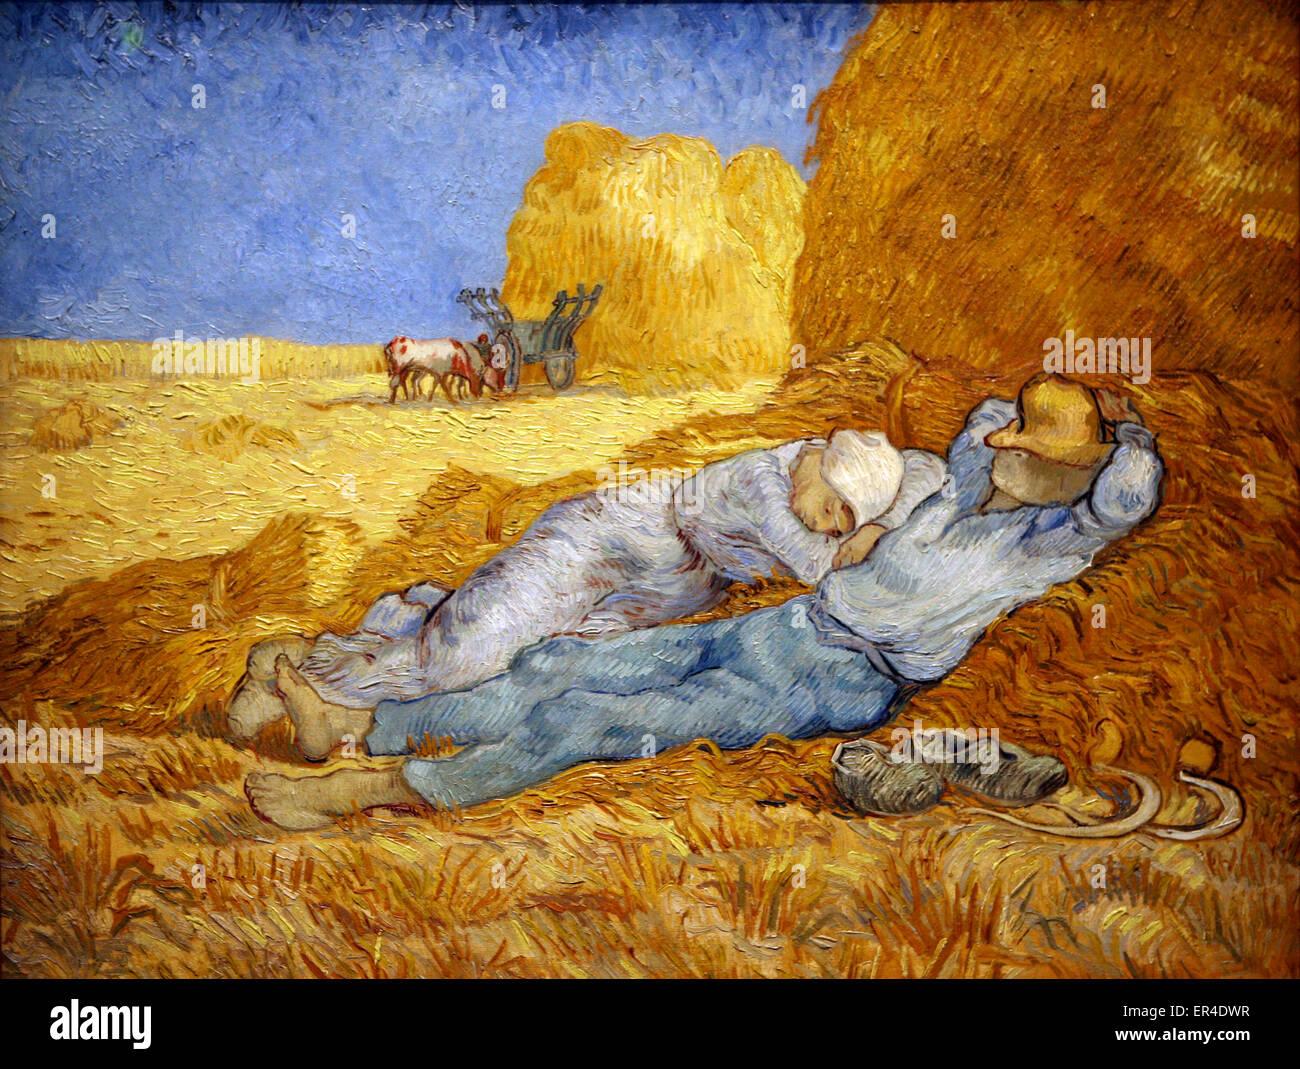 Vincent van Gogh - La Meridienne or La siesta - Stock Image